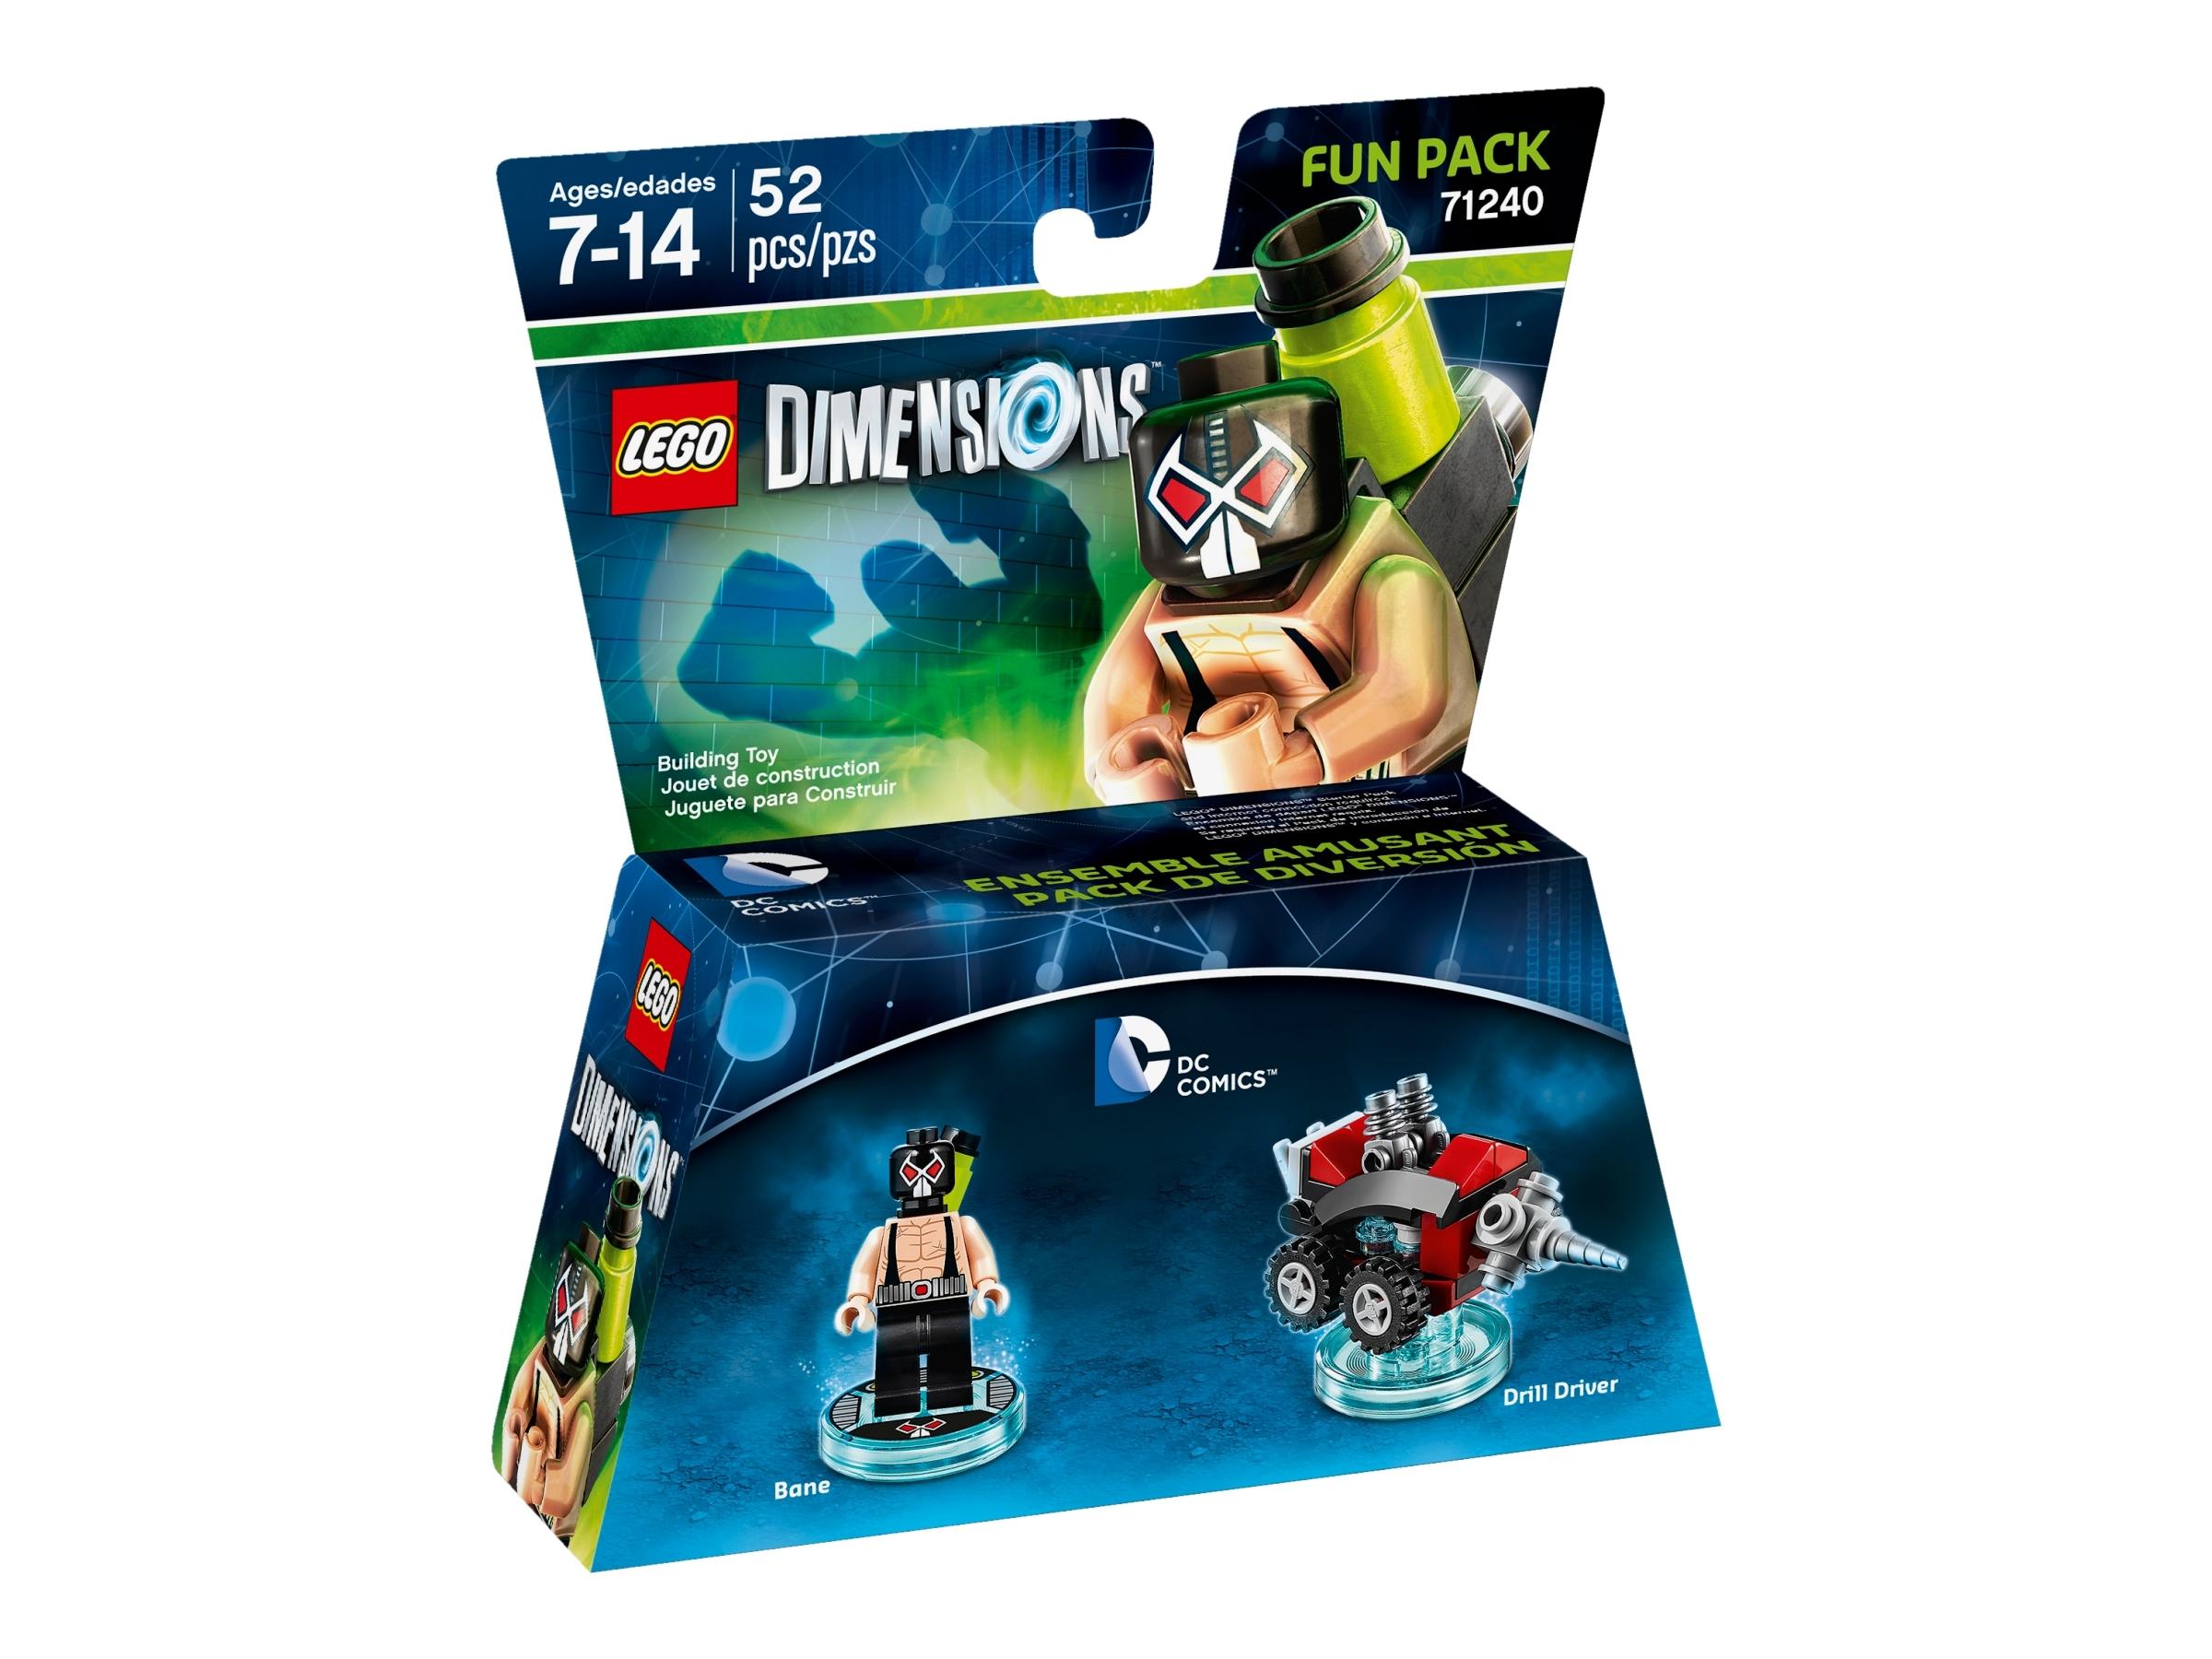 lego 71240 bane fun pack